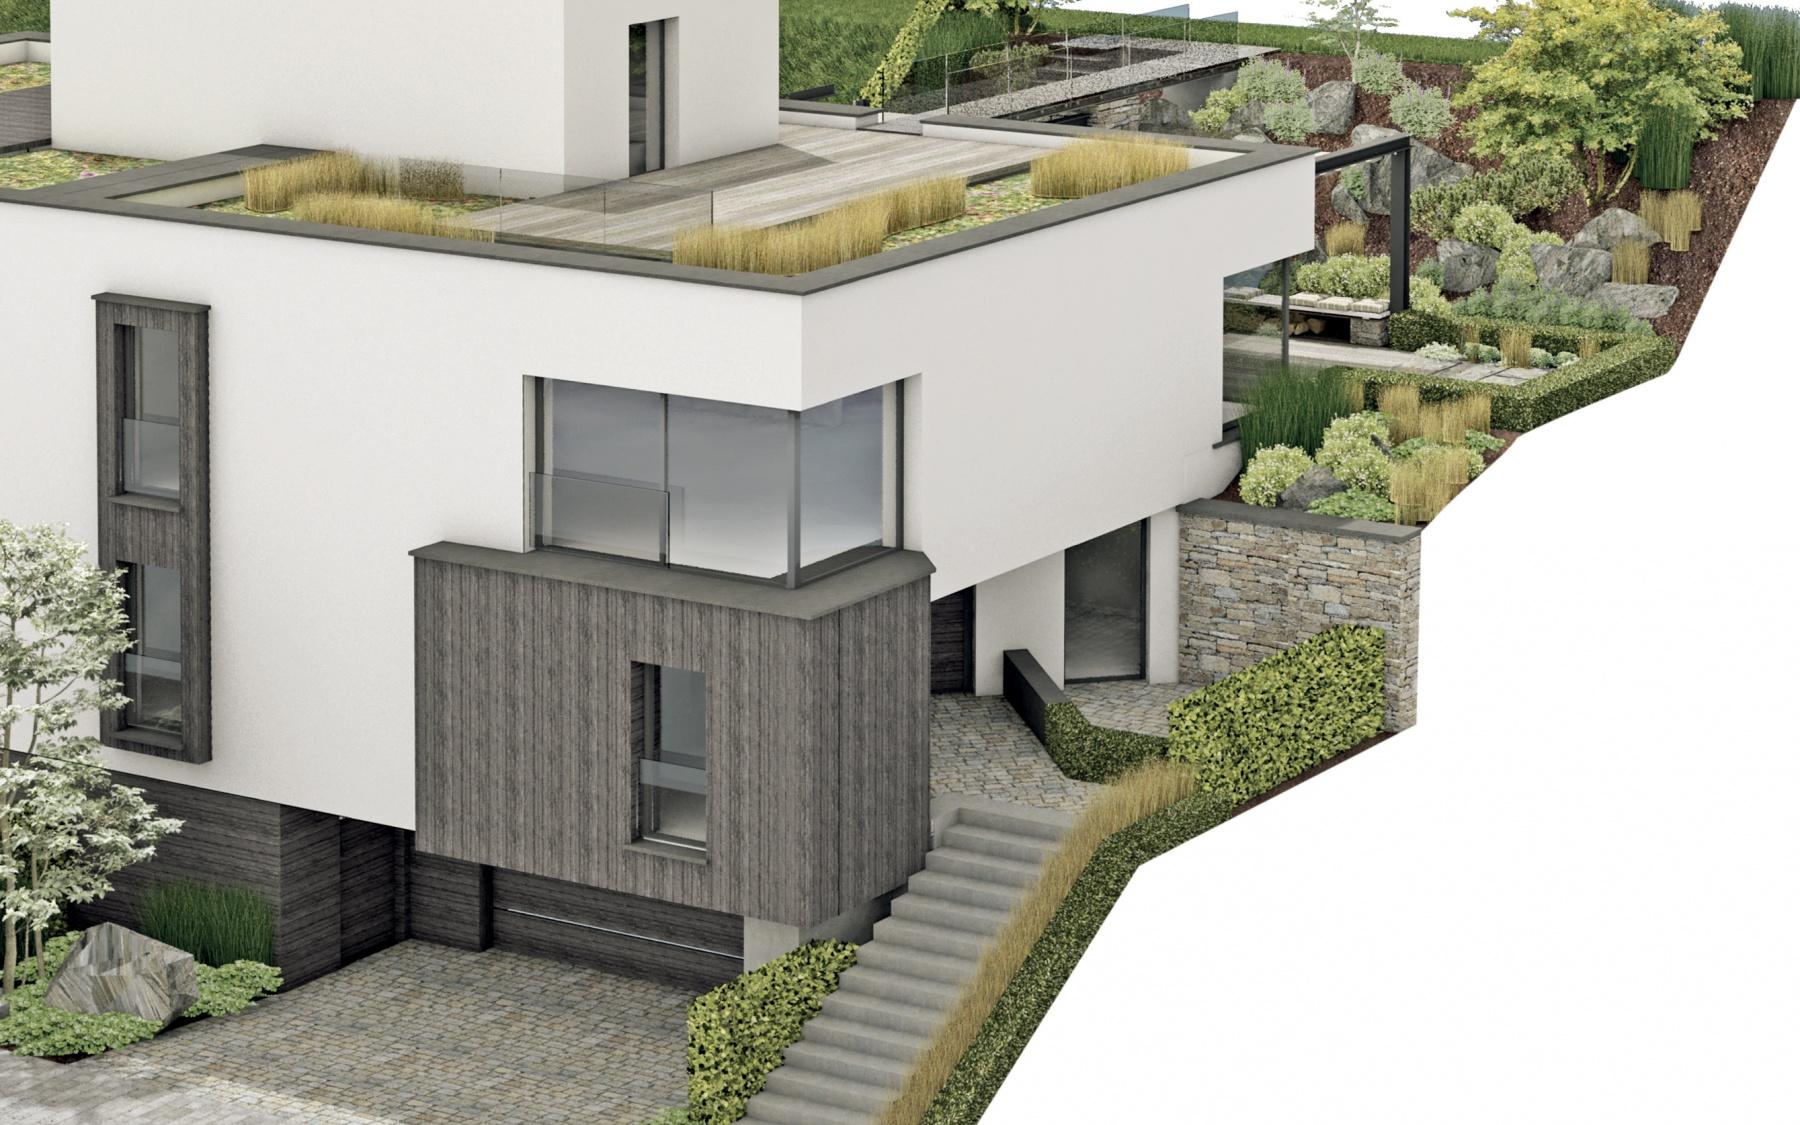 Maison écologique à Insenborn